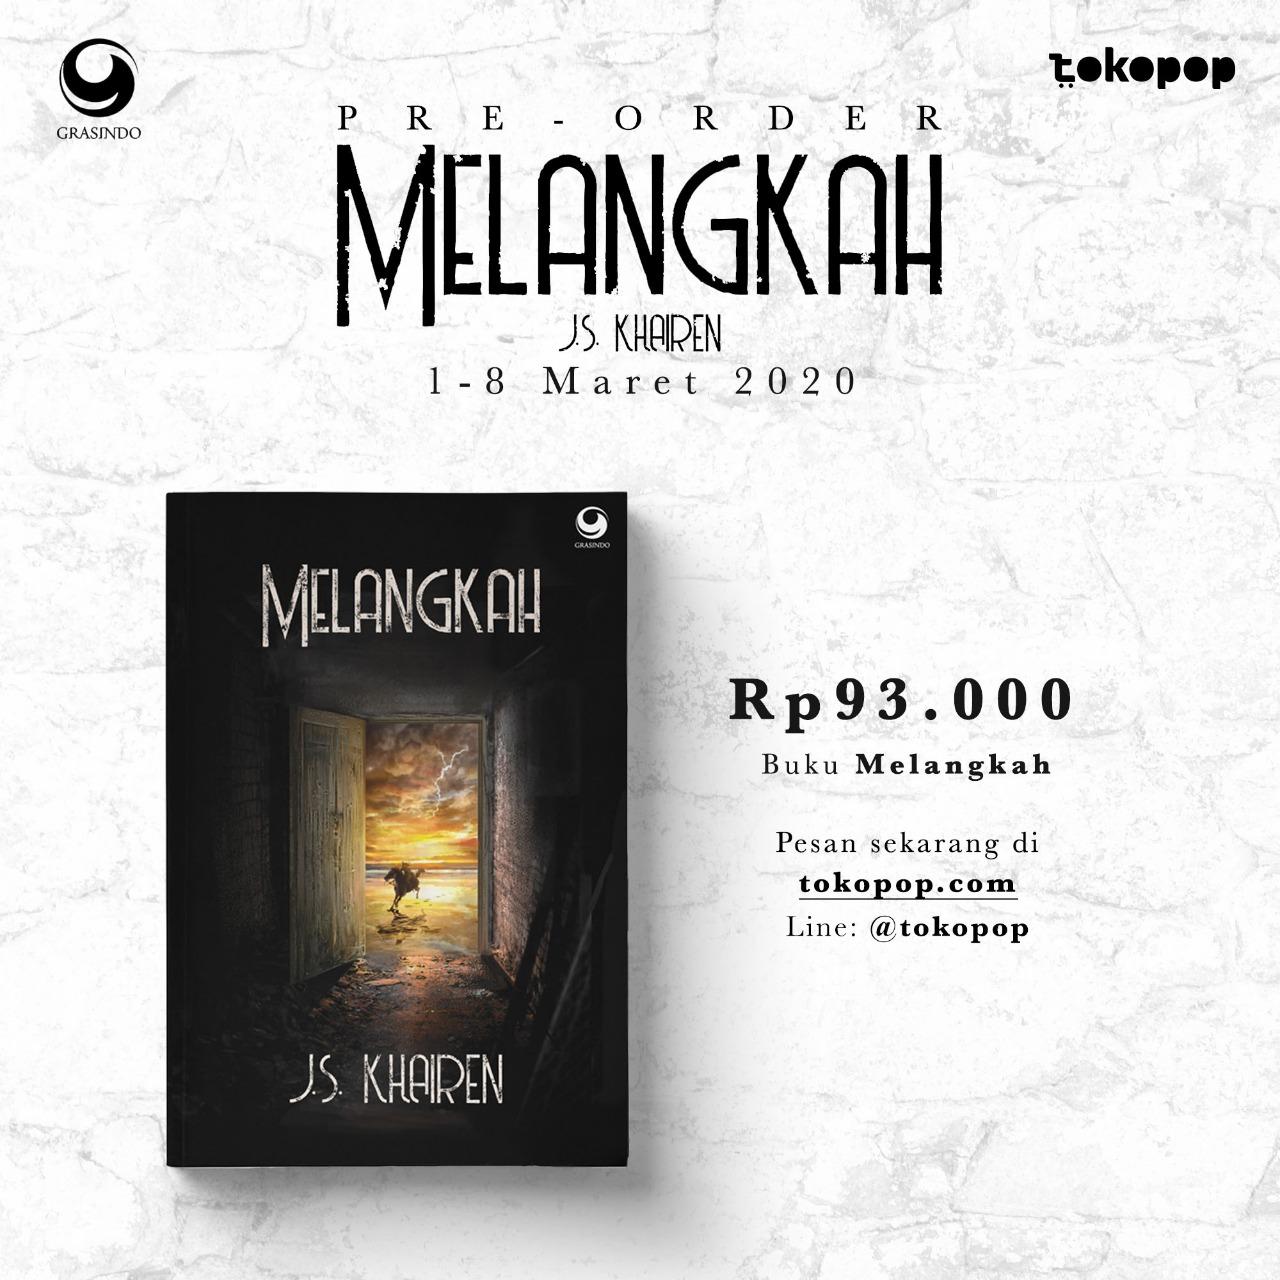 Pre- Order Buku Melangkah - J.S Khairen